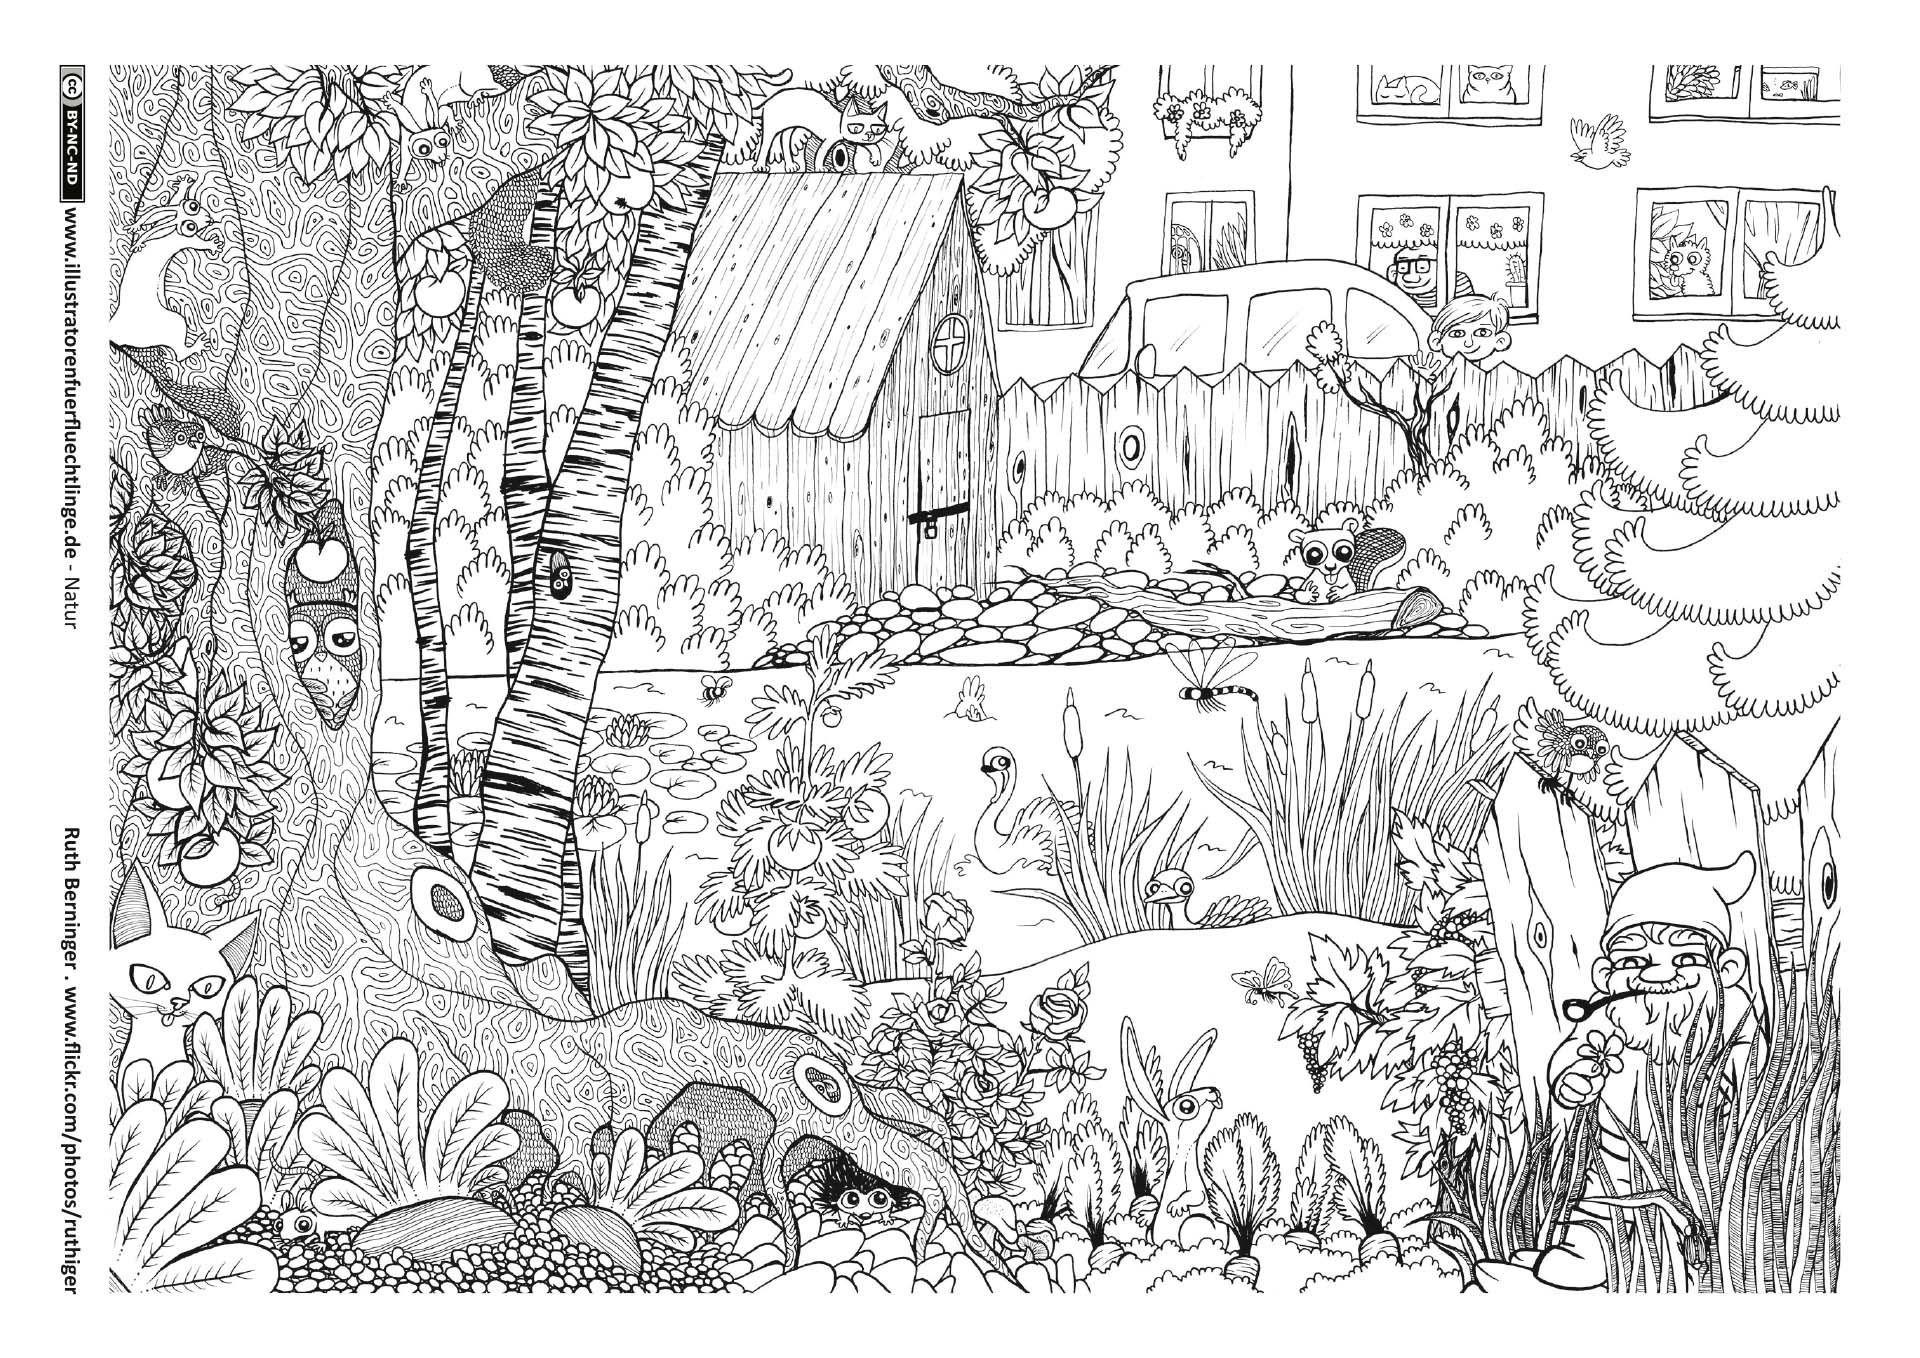 Haus Mit Garten Ausmalbild Inspirierend Malvorlagen Ausmalbilder Vogelscheuche Luxus Malvorlagen Garten Fotografieren